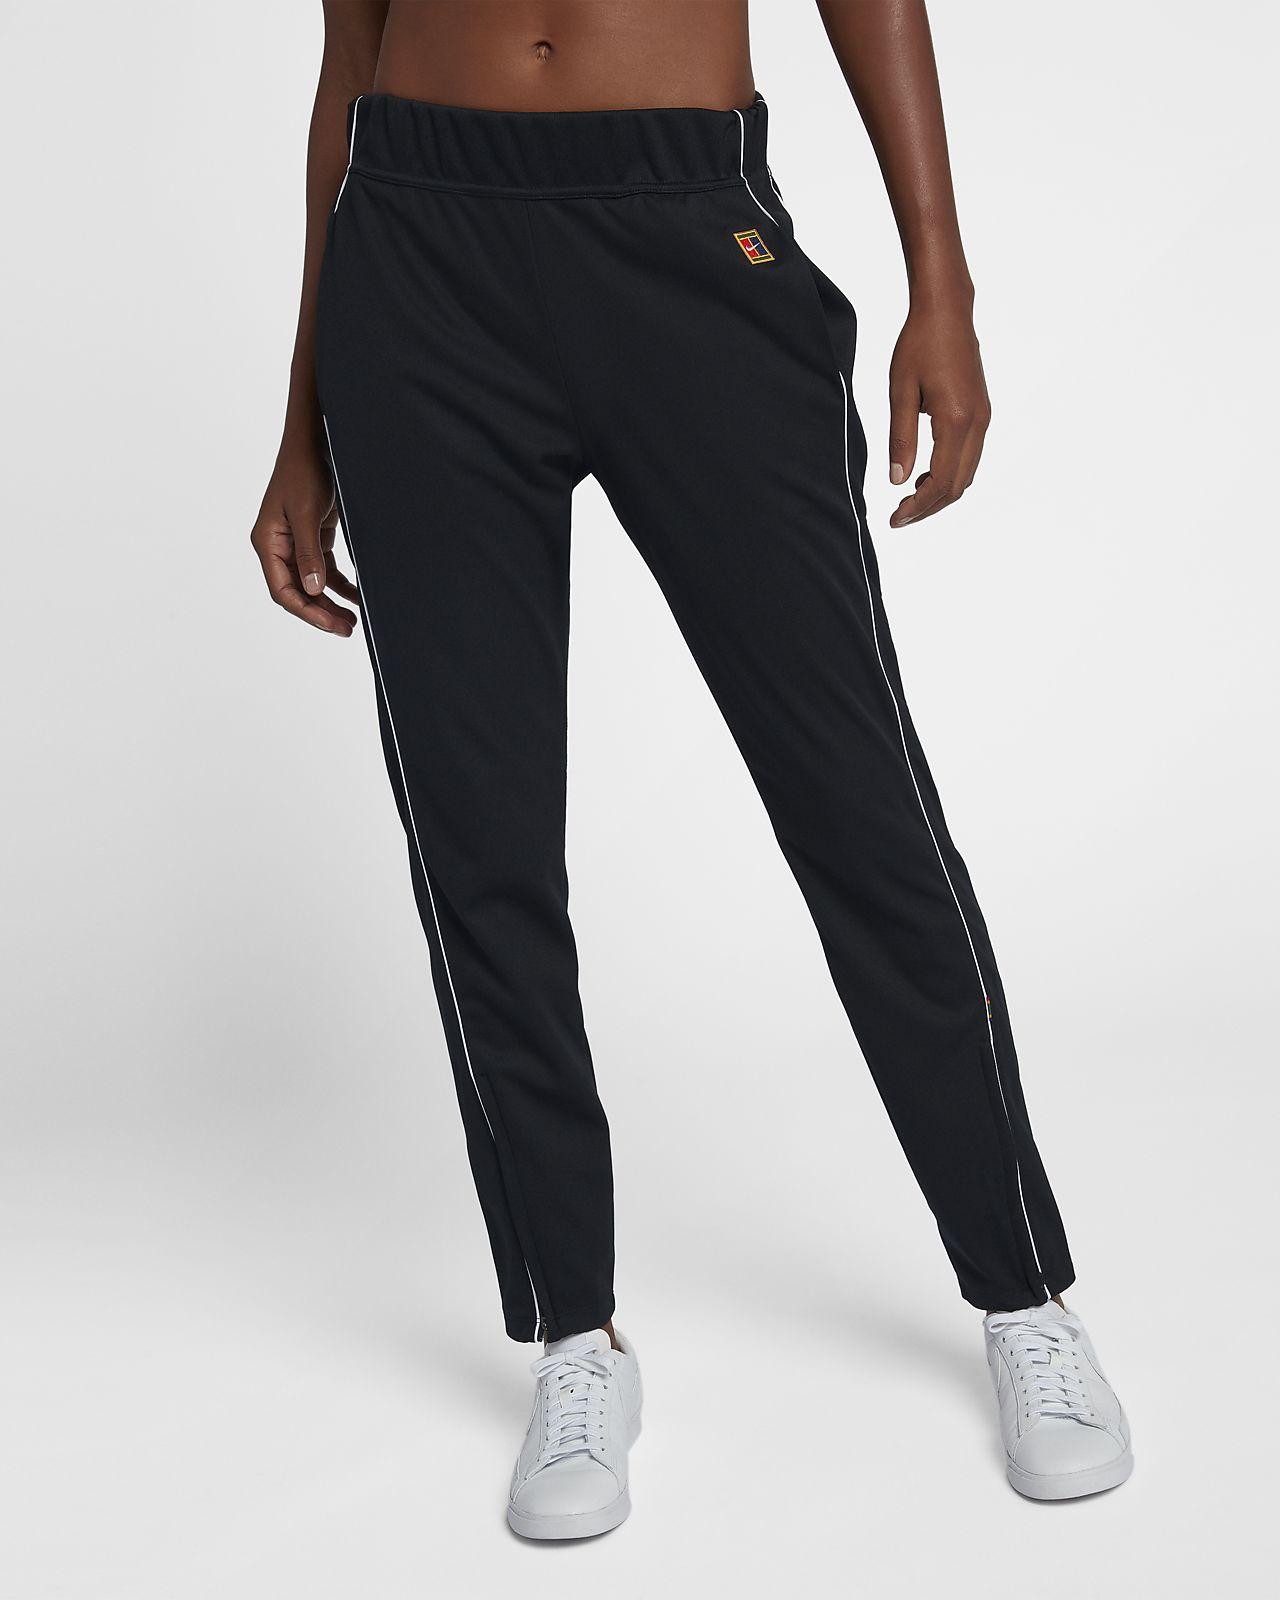 pantalons femmes nike